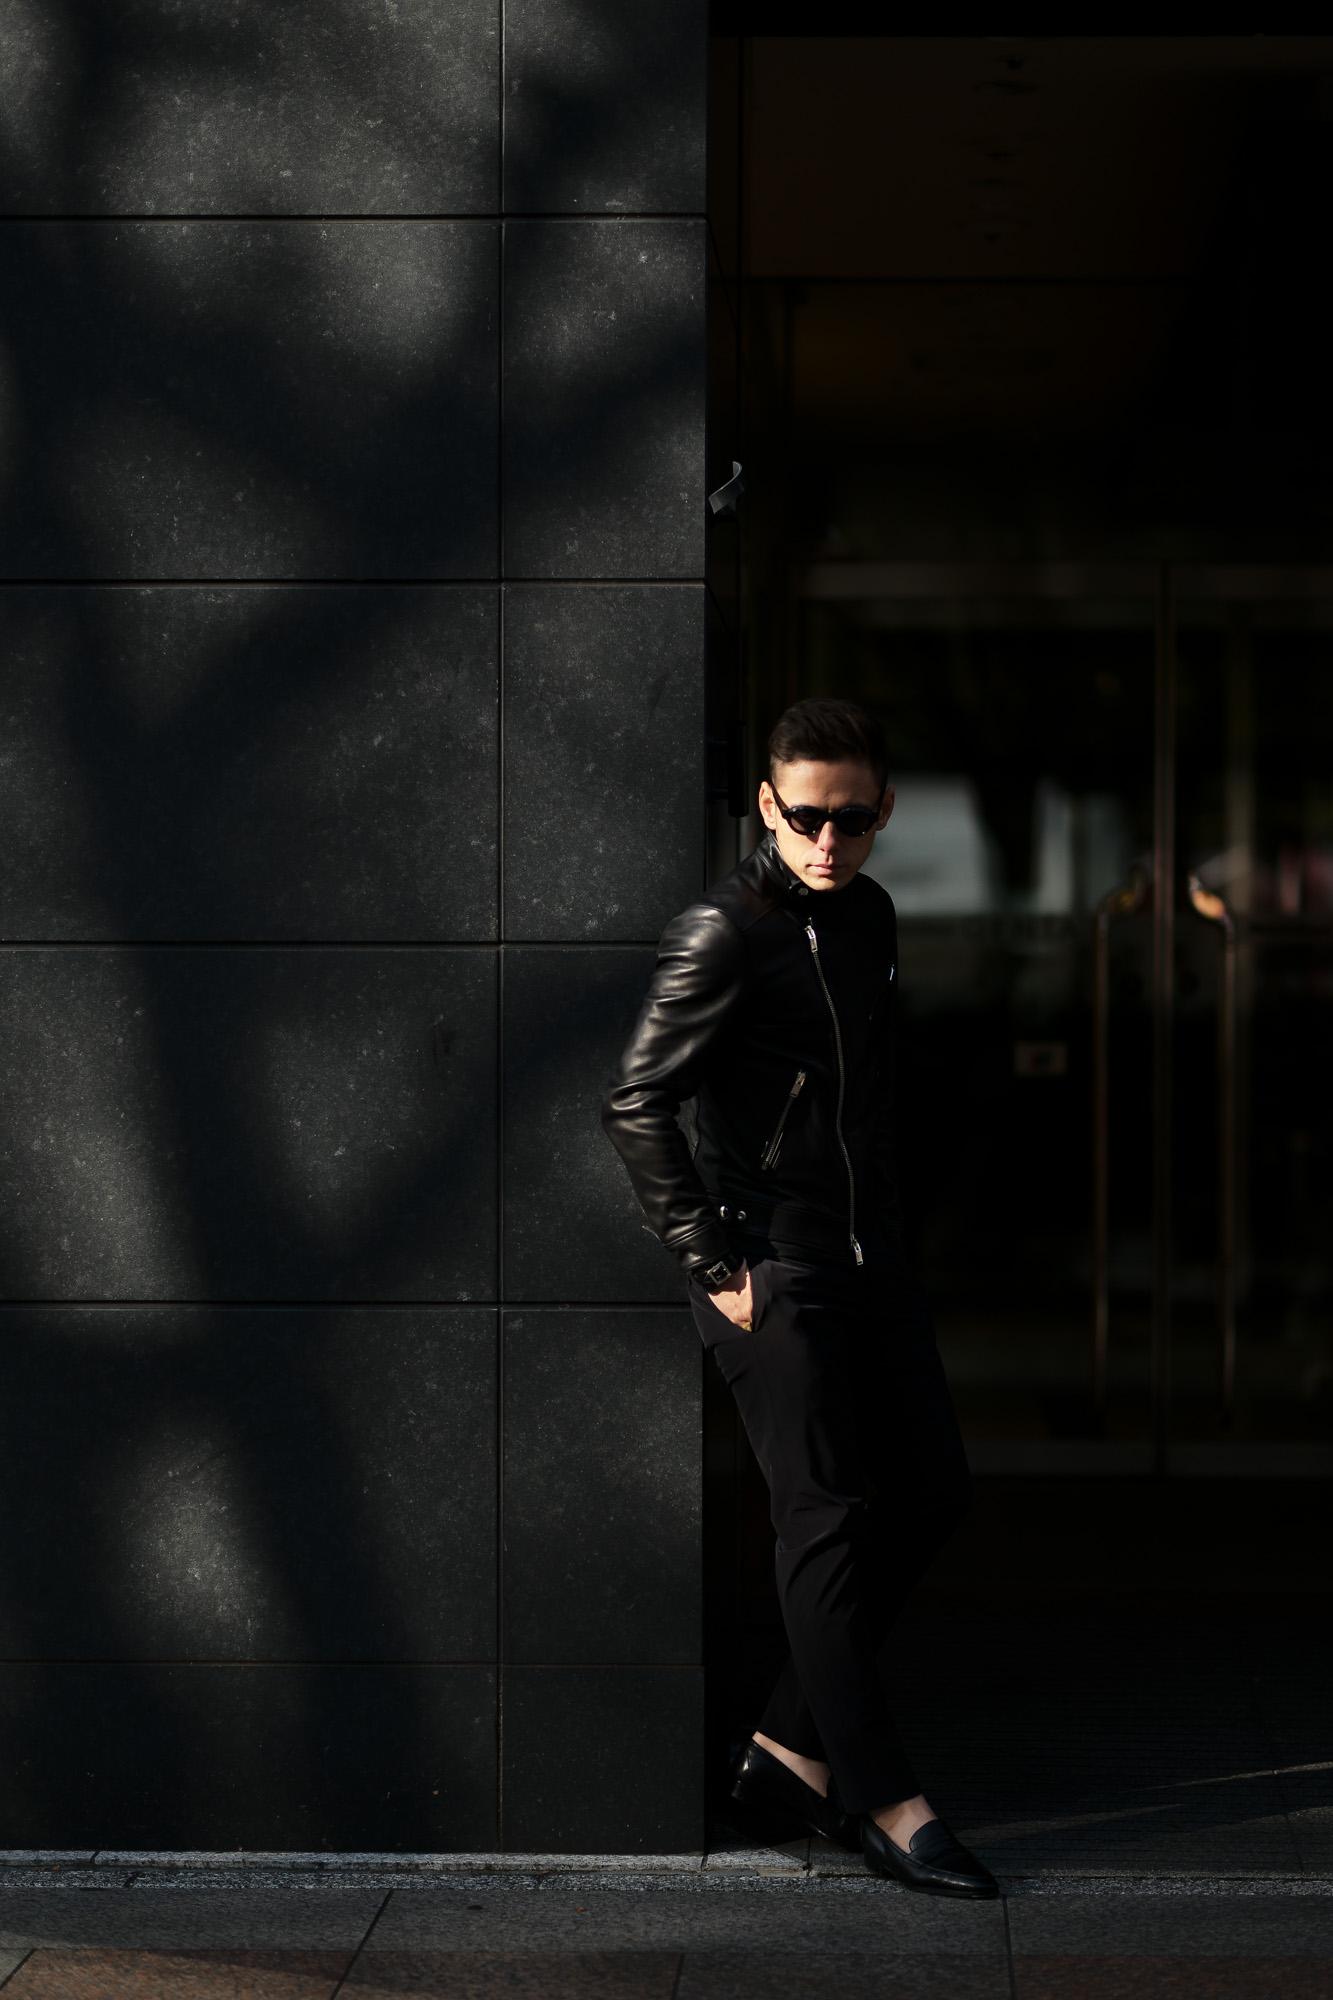 FIXER(フィクサー) F1(エフワン) DOUBLE RIDERS Cow Leather ダブルライダース ジャケット BLACK(ブラック) 【ご予約開始】【2020.3.14(Sat)~2020.3.29(Sun)】愛知 名古屋 altoediritto アルトエデリット